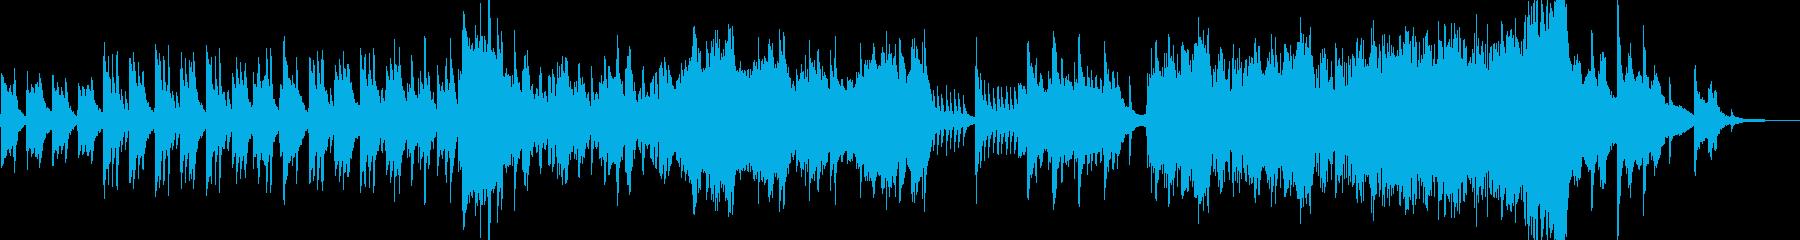 ハープとピアノによる壮大で幻想的なBGMの再生済みの波形